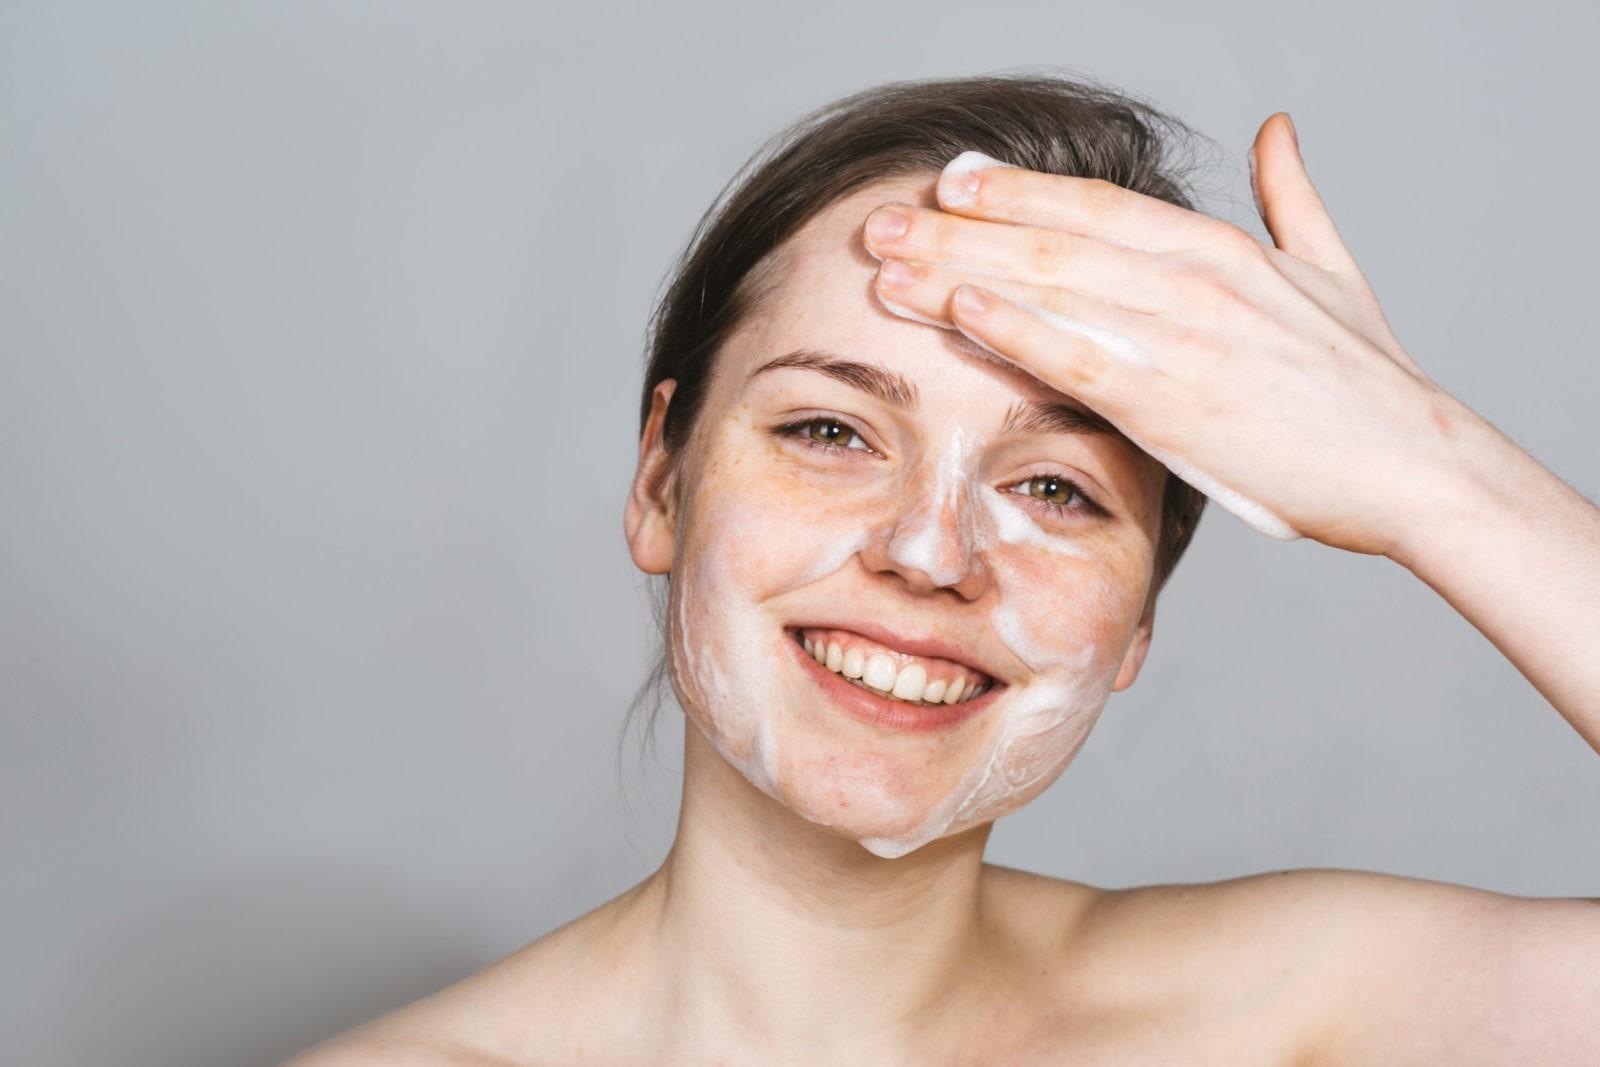 Если тщательно не мыть кожу, могут появиться прыщи